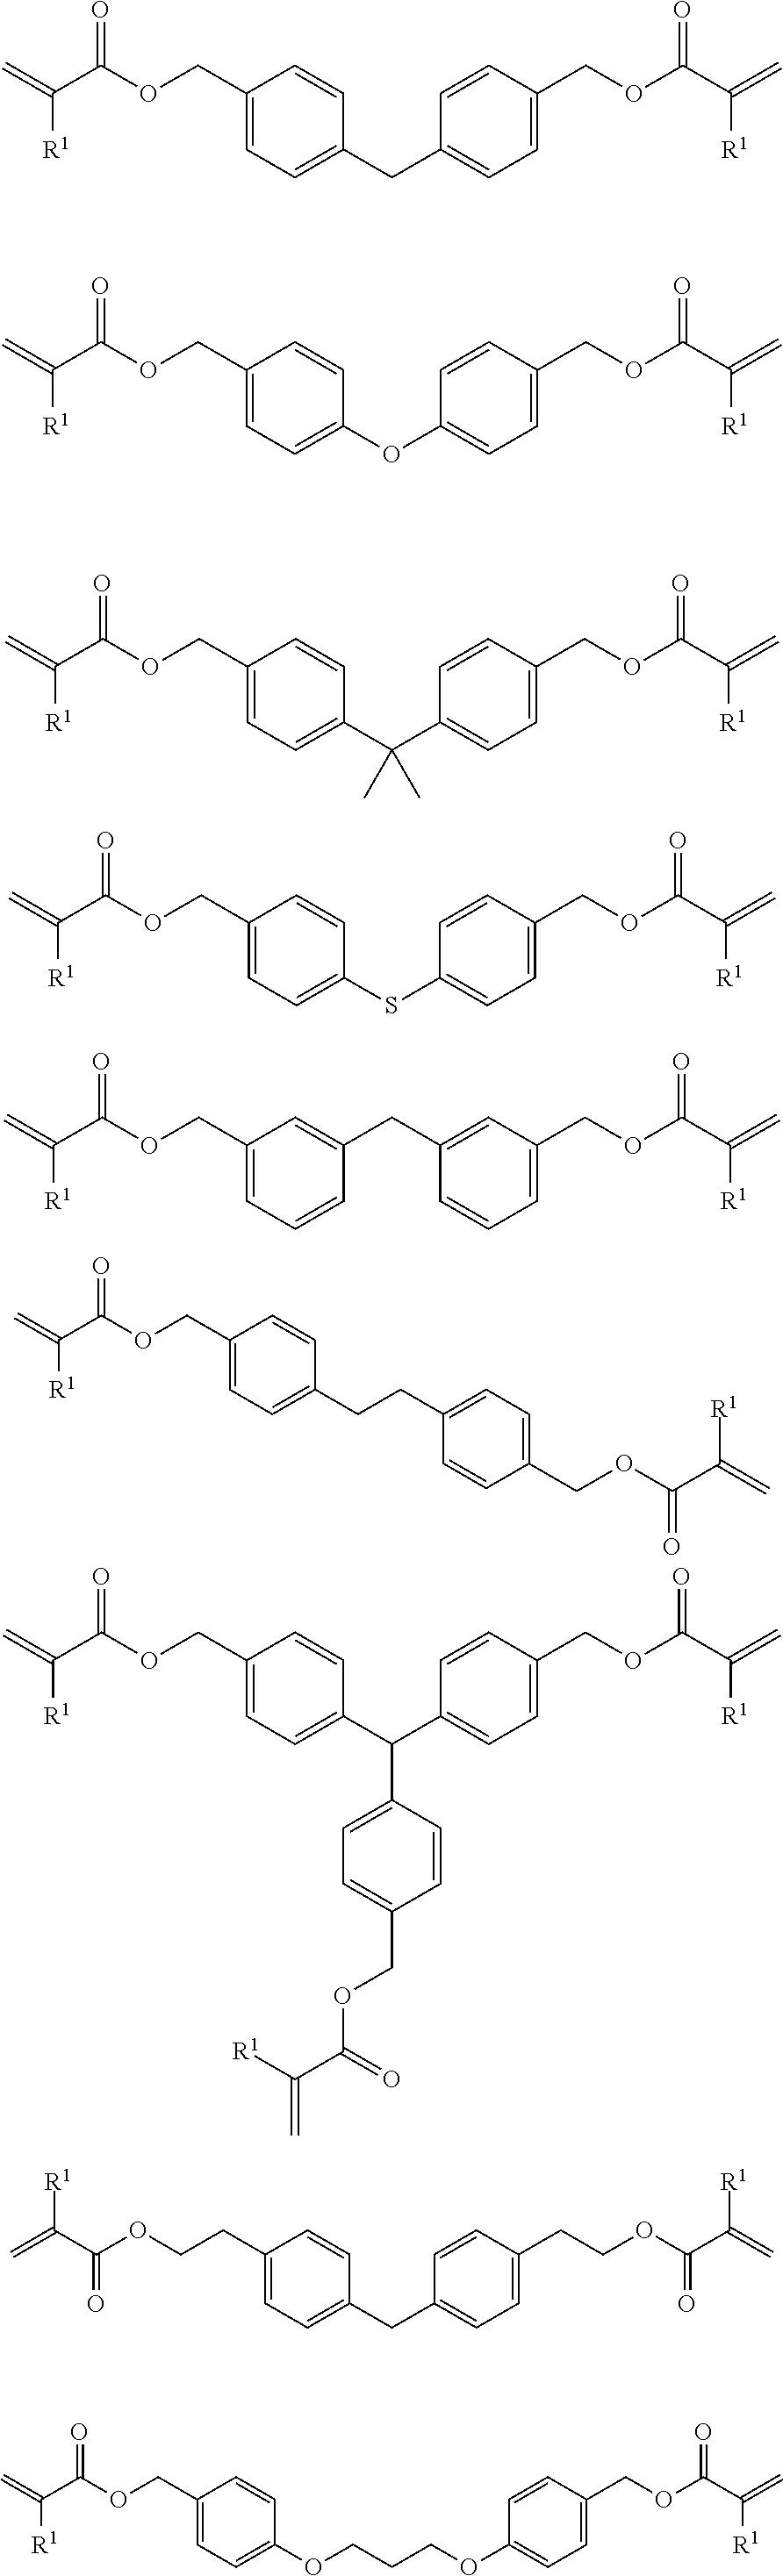 Figure US08883065-20141111-C00018